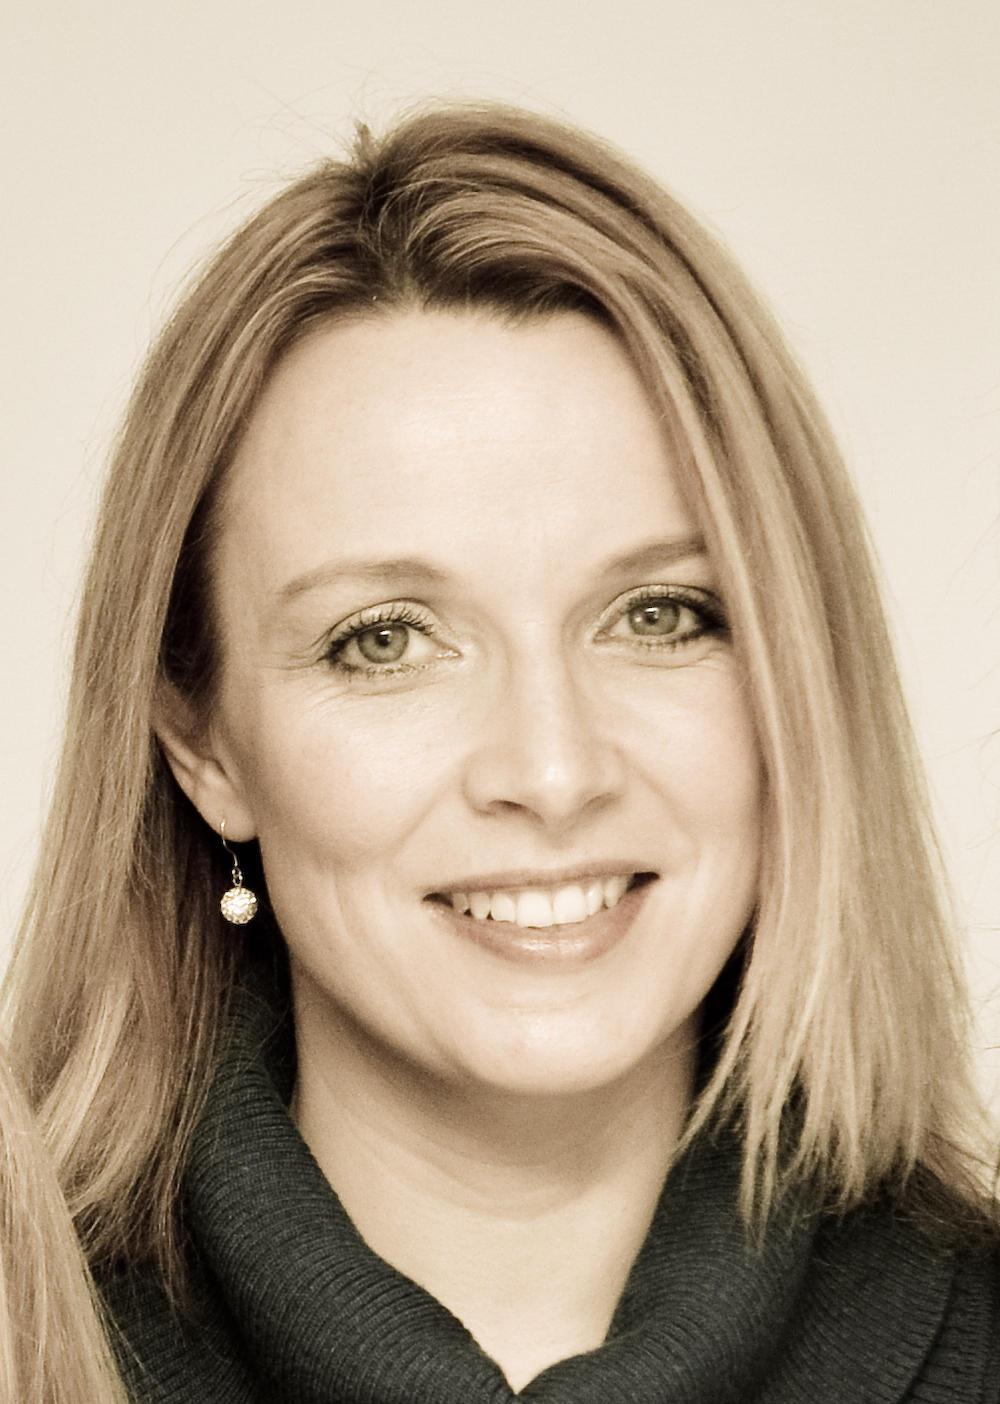 Fiona James